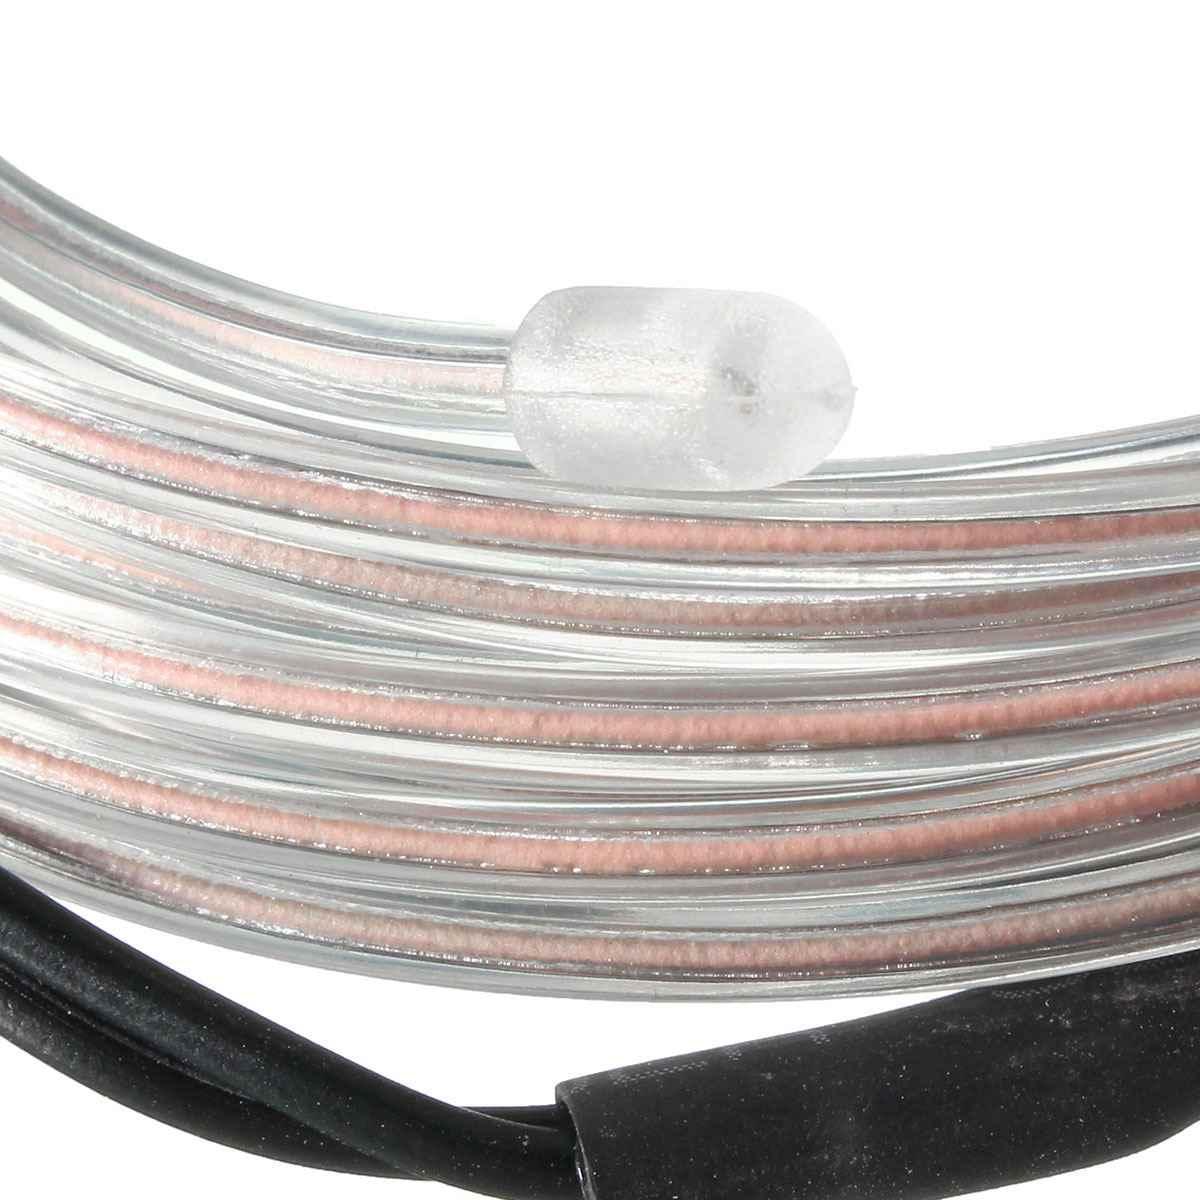 Smuxi 2 м Гибкий EL провод неоновый свет Декорации для вечеринки неоновый светодиодный светильник EL провод веревка трубка водонепроницаемая светодиодная лента